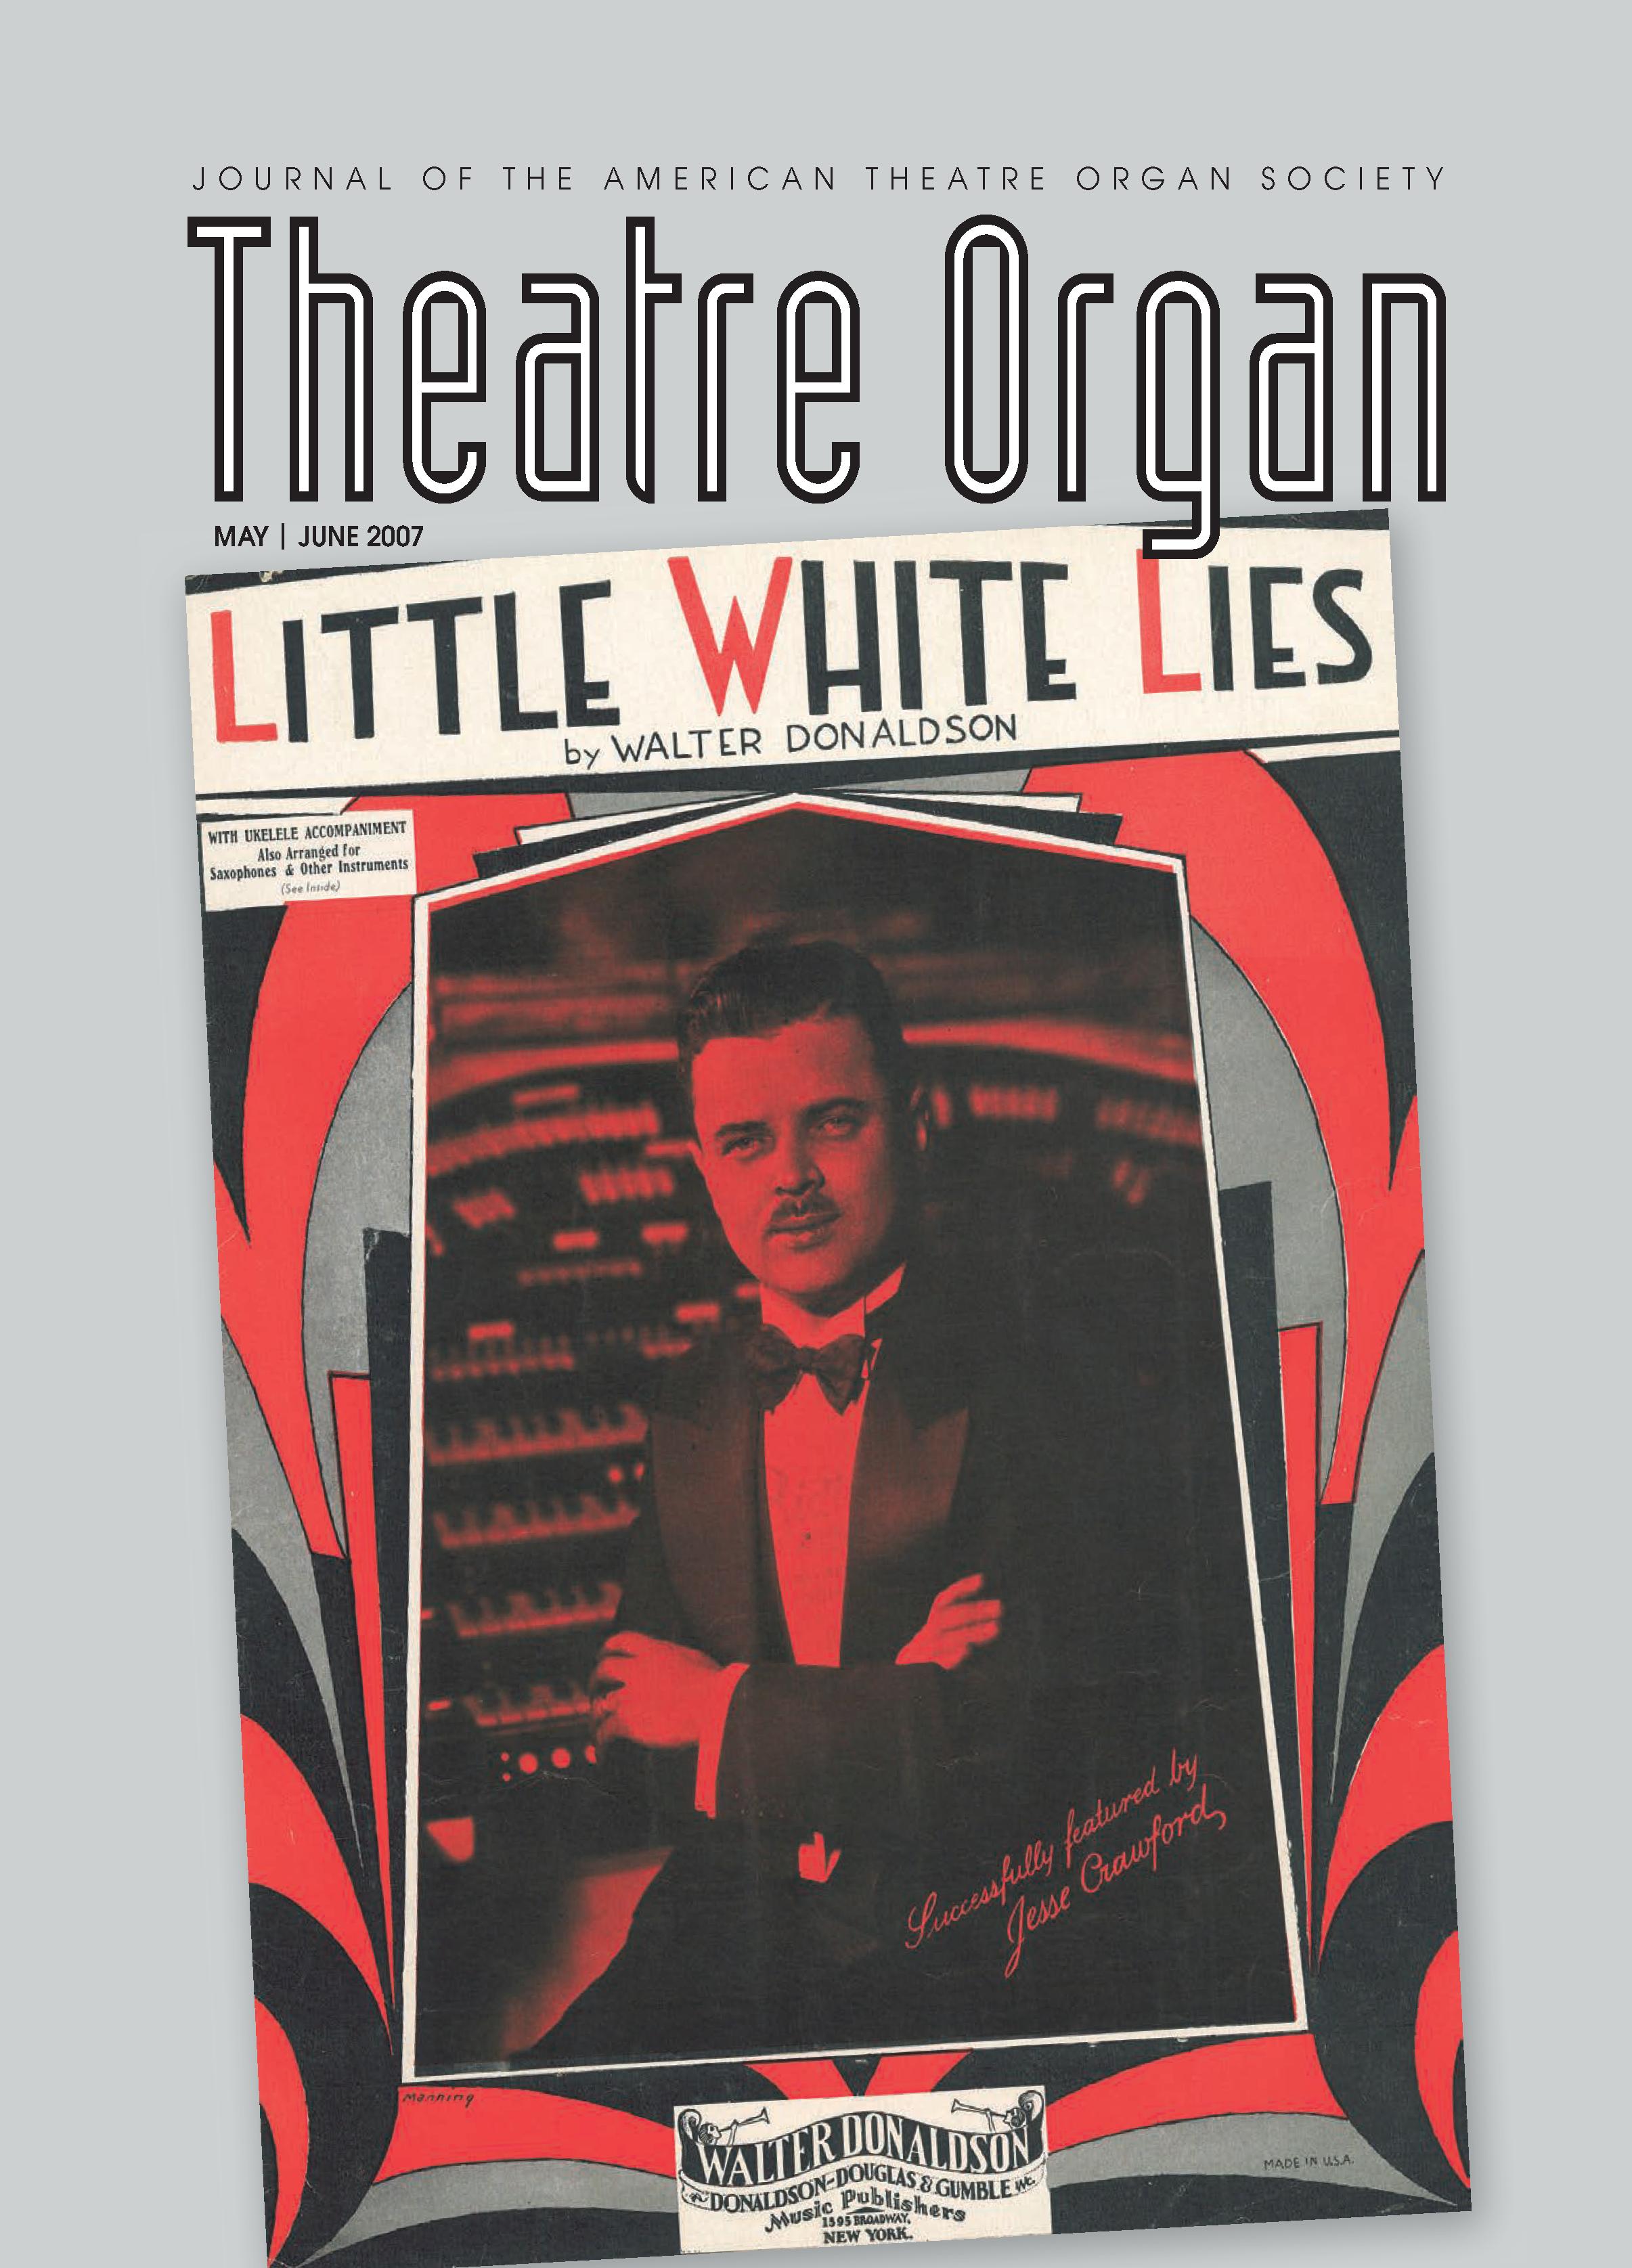 Theatre Organ, May - June 2007, Volume 49, Number 3